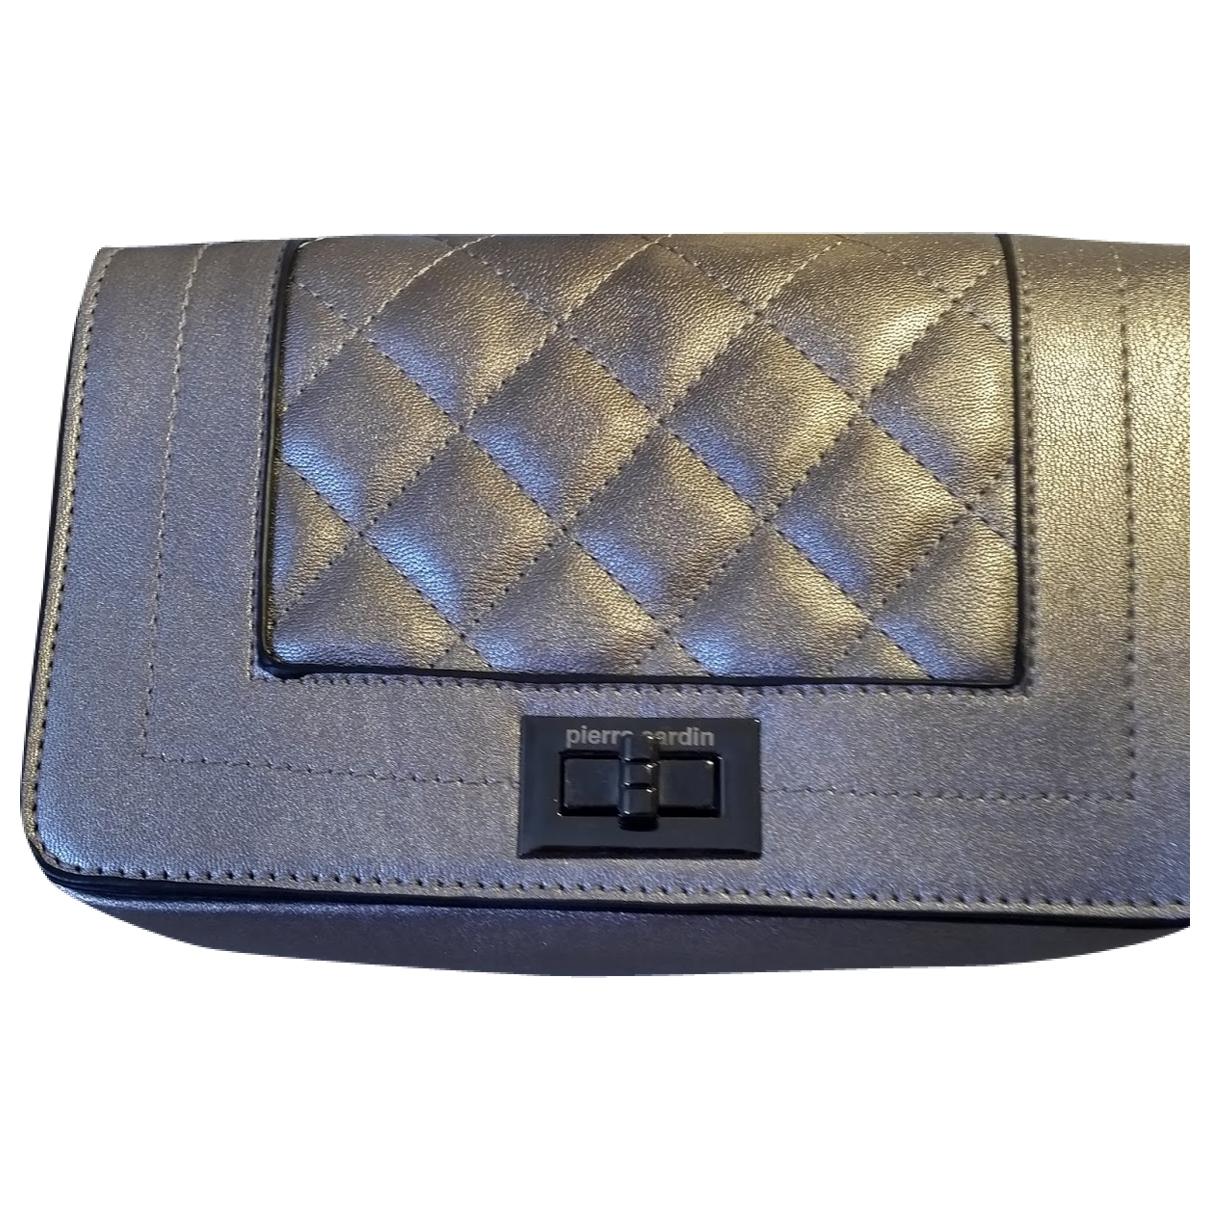 Pierre Cardin \N Silver Leather handbag for Women \N